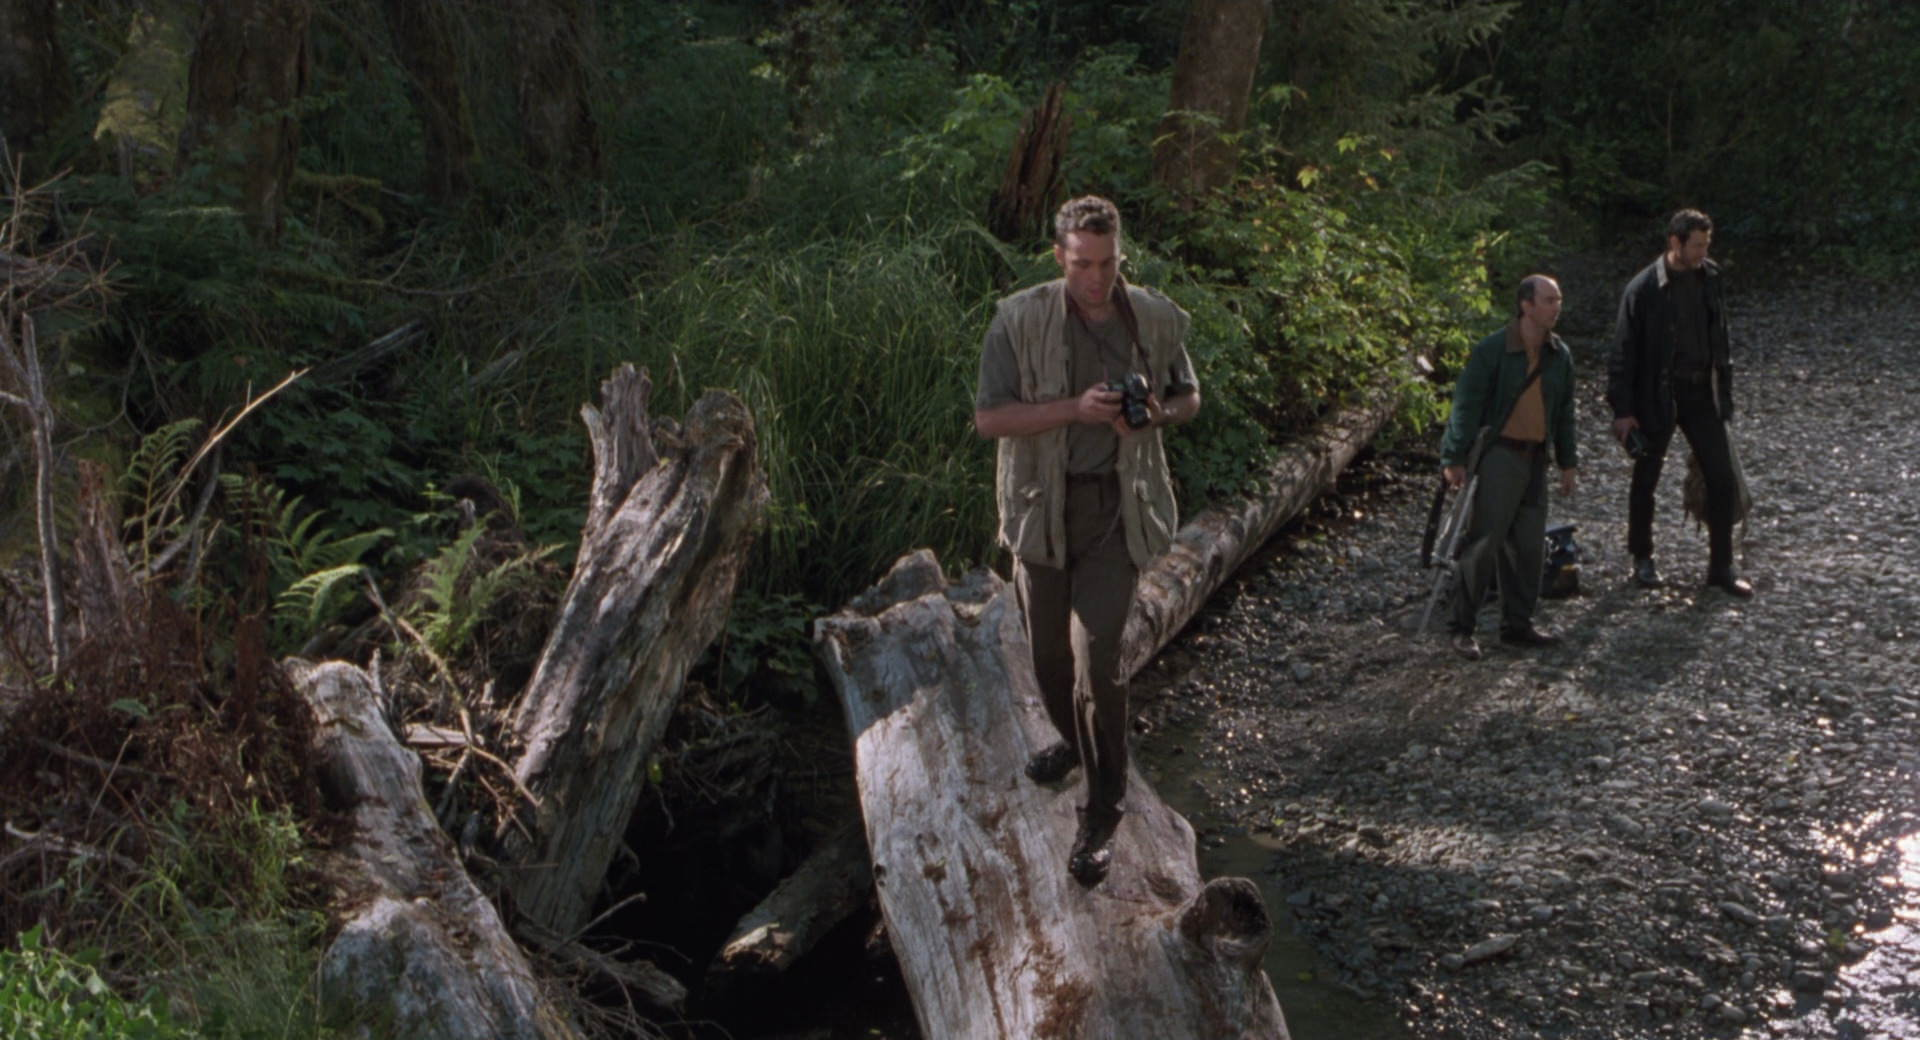 The Lost World Jurassic Park Screencaps are here Jurassic-lost-world-movie-screencaps.com-2699